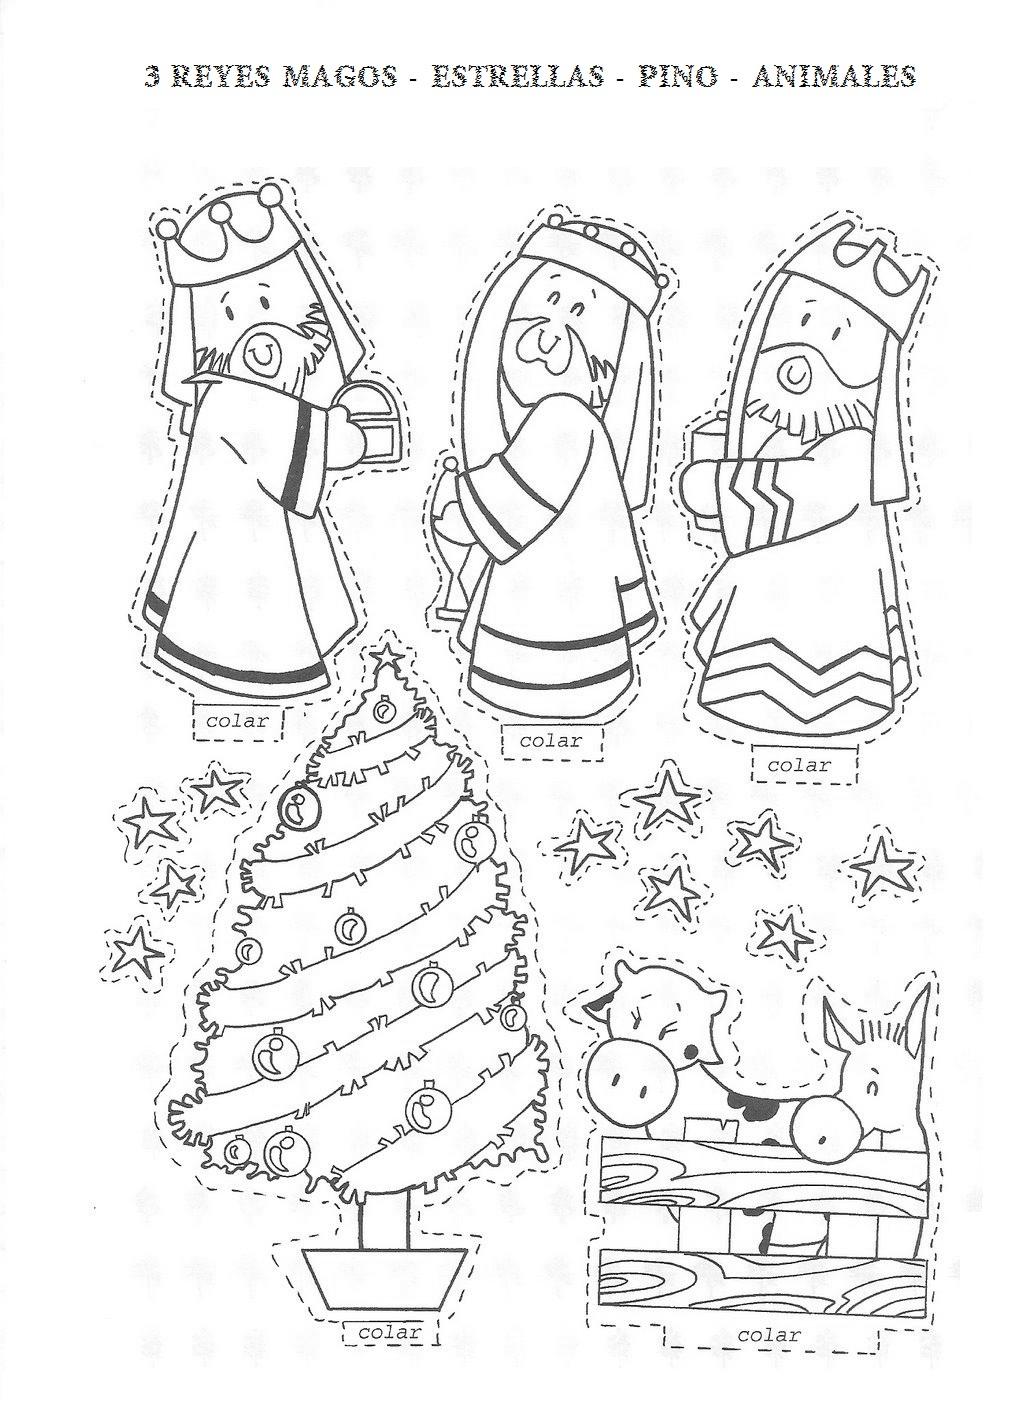 ms recursos para adviento y navidad 2011 x religin en navarra erlijioa nafarroan